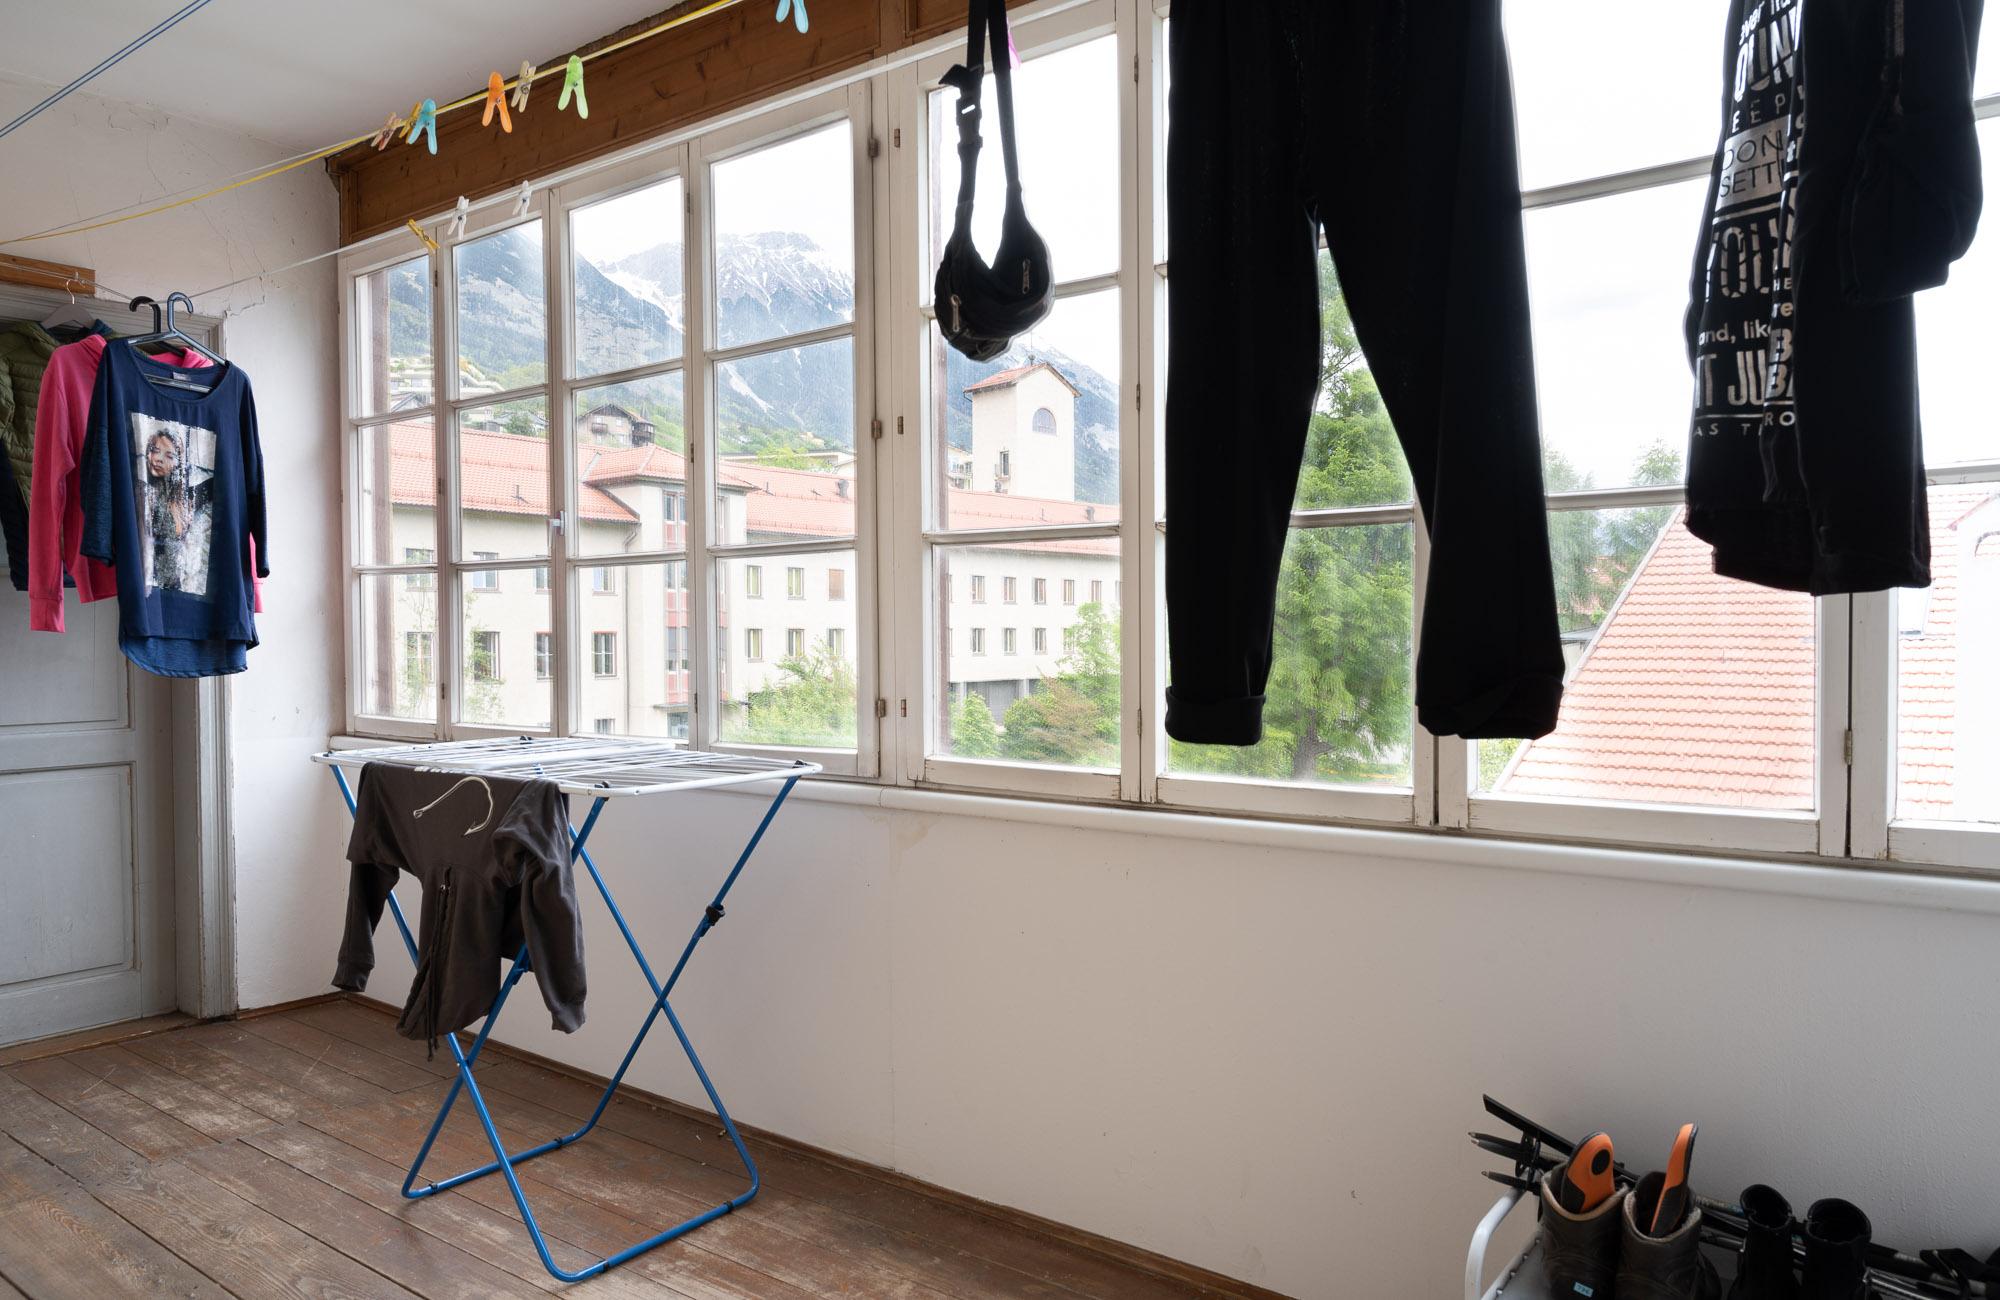 Absteige Innsbruck, Ferienapartment, Loggia